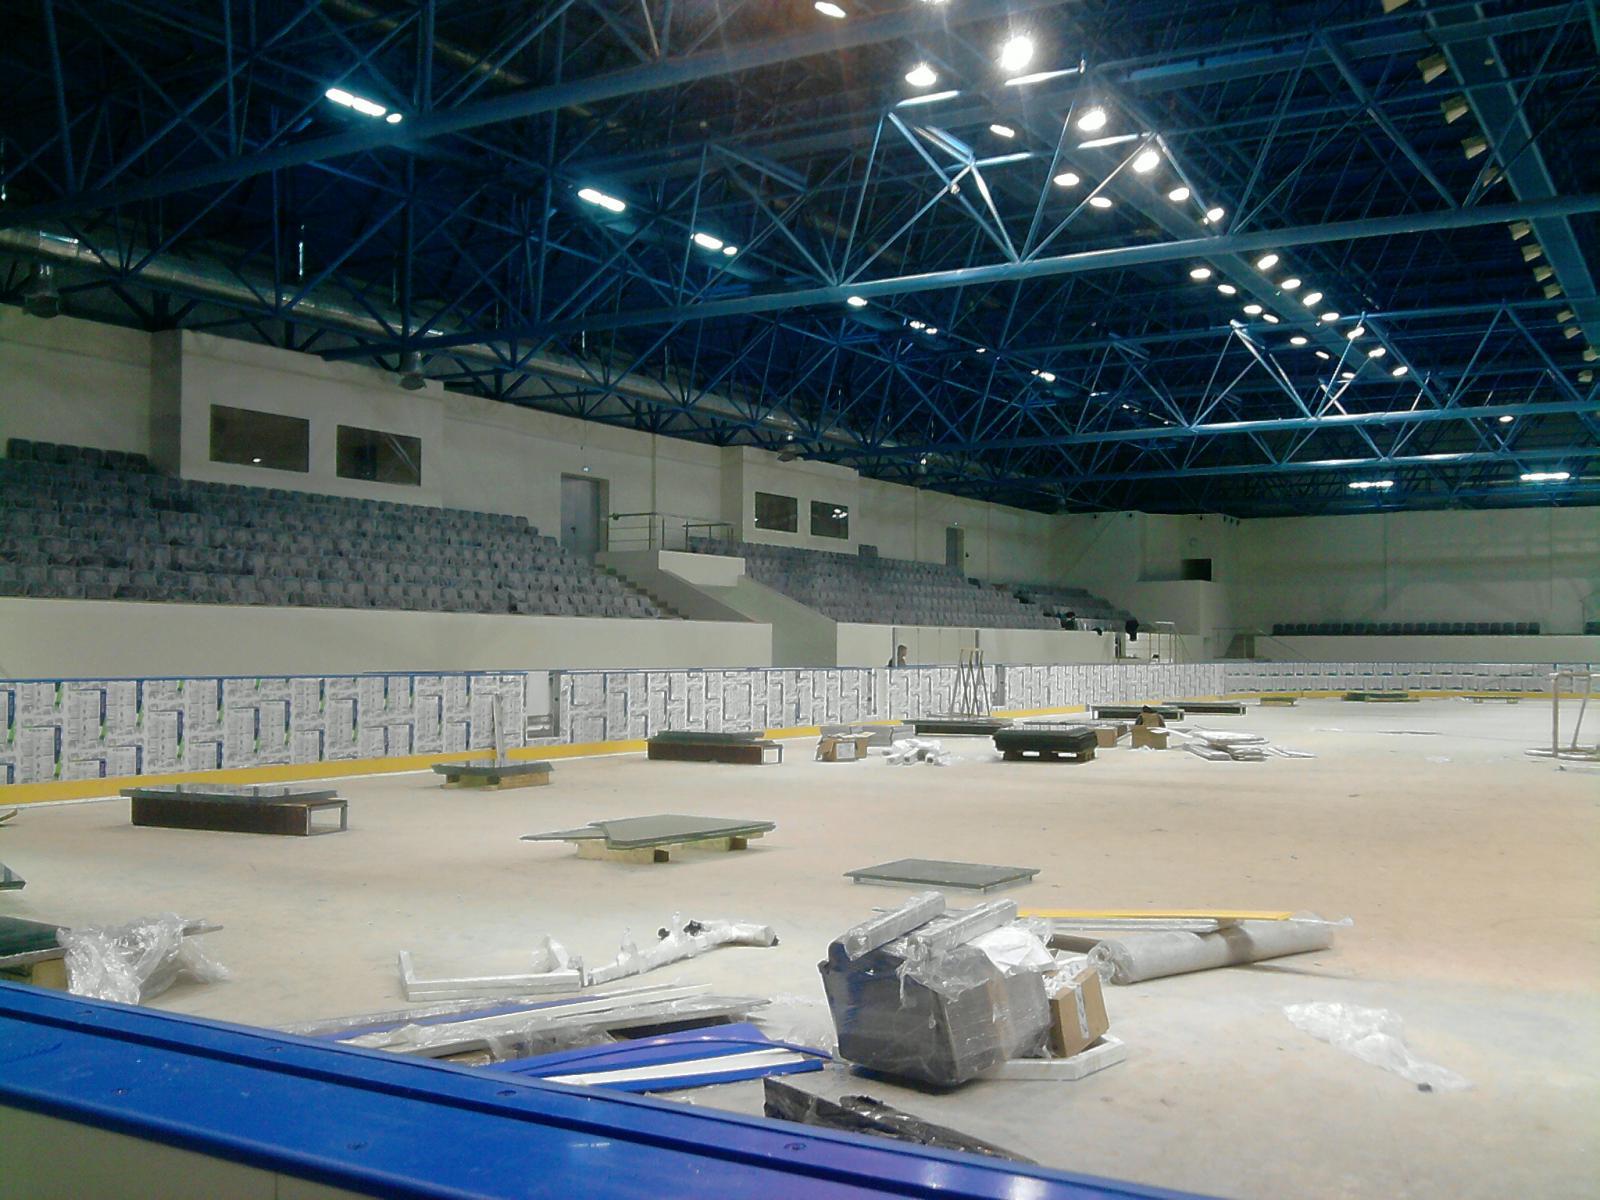 Брянский губернатор Богомаз проинспектировал строительство спортобъектов в Новозыбкове